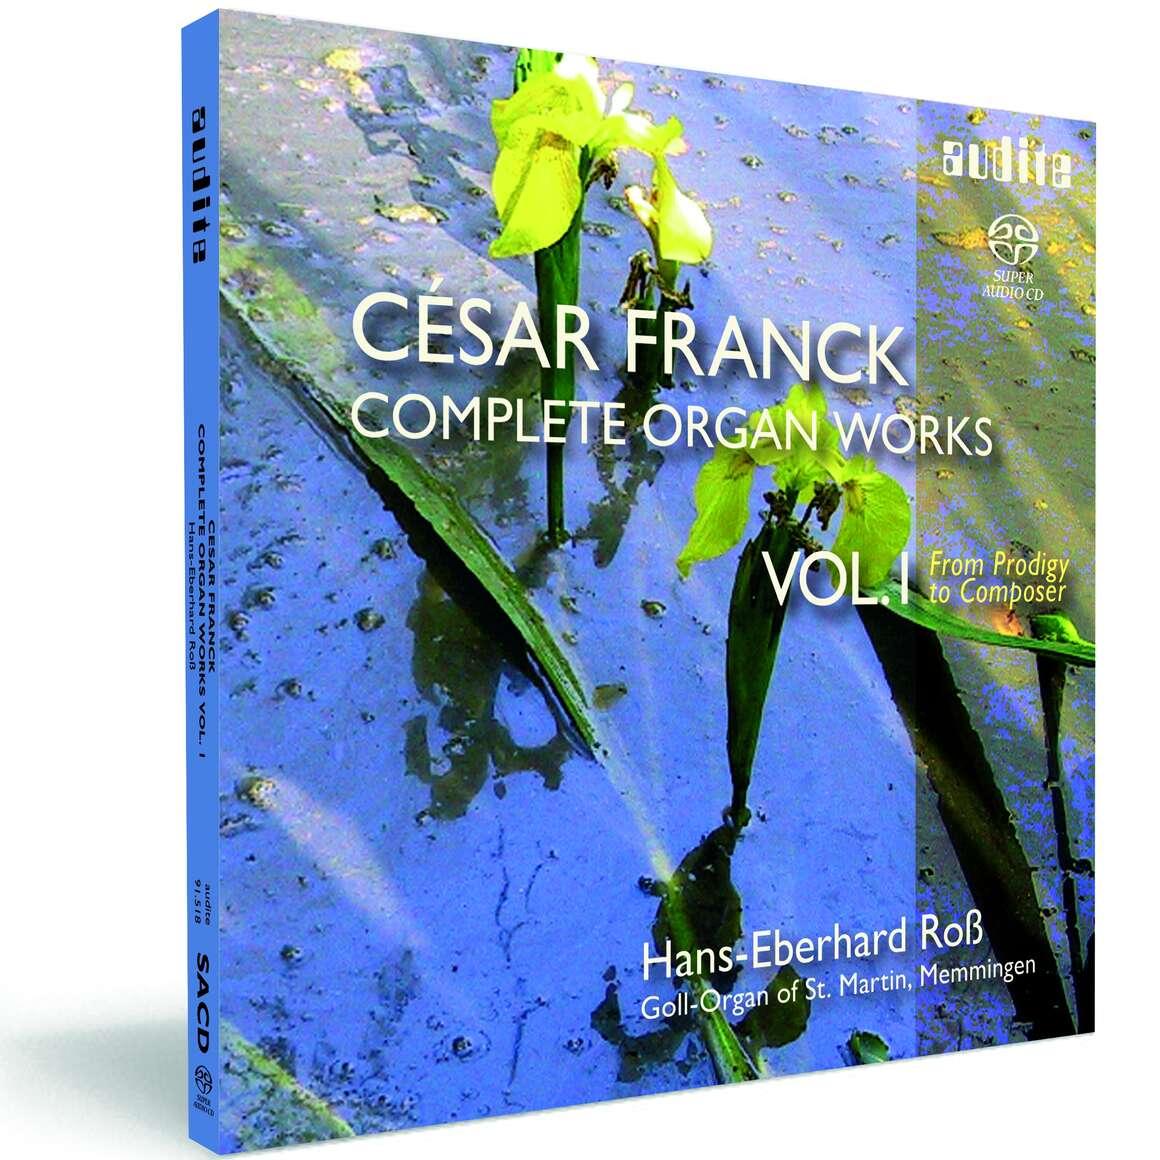 C. Franck: Complete Organ Works Vol. I